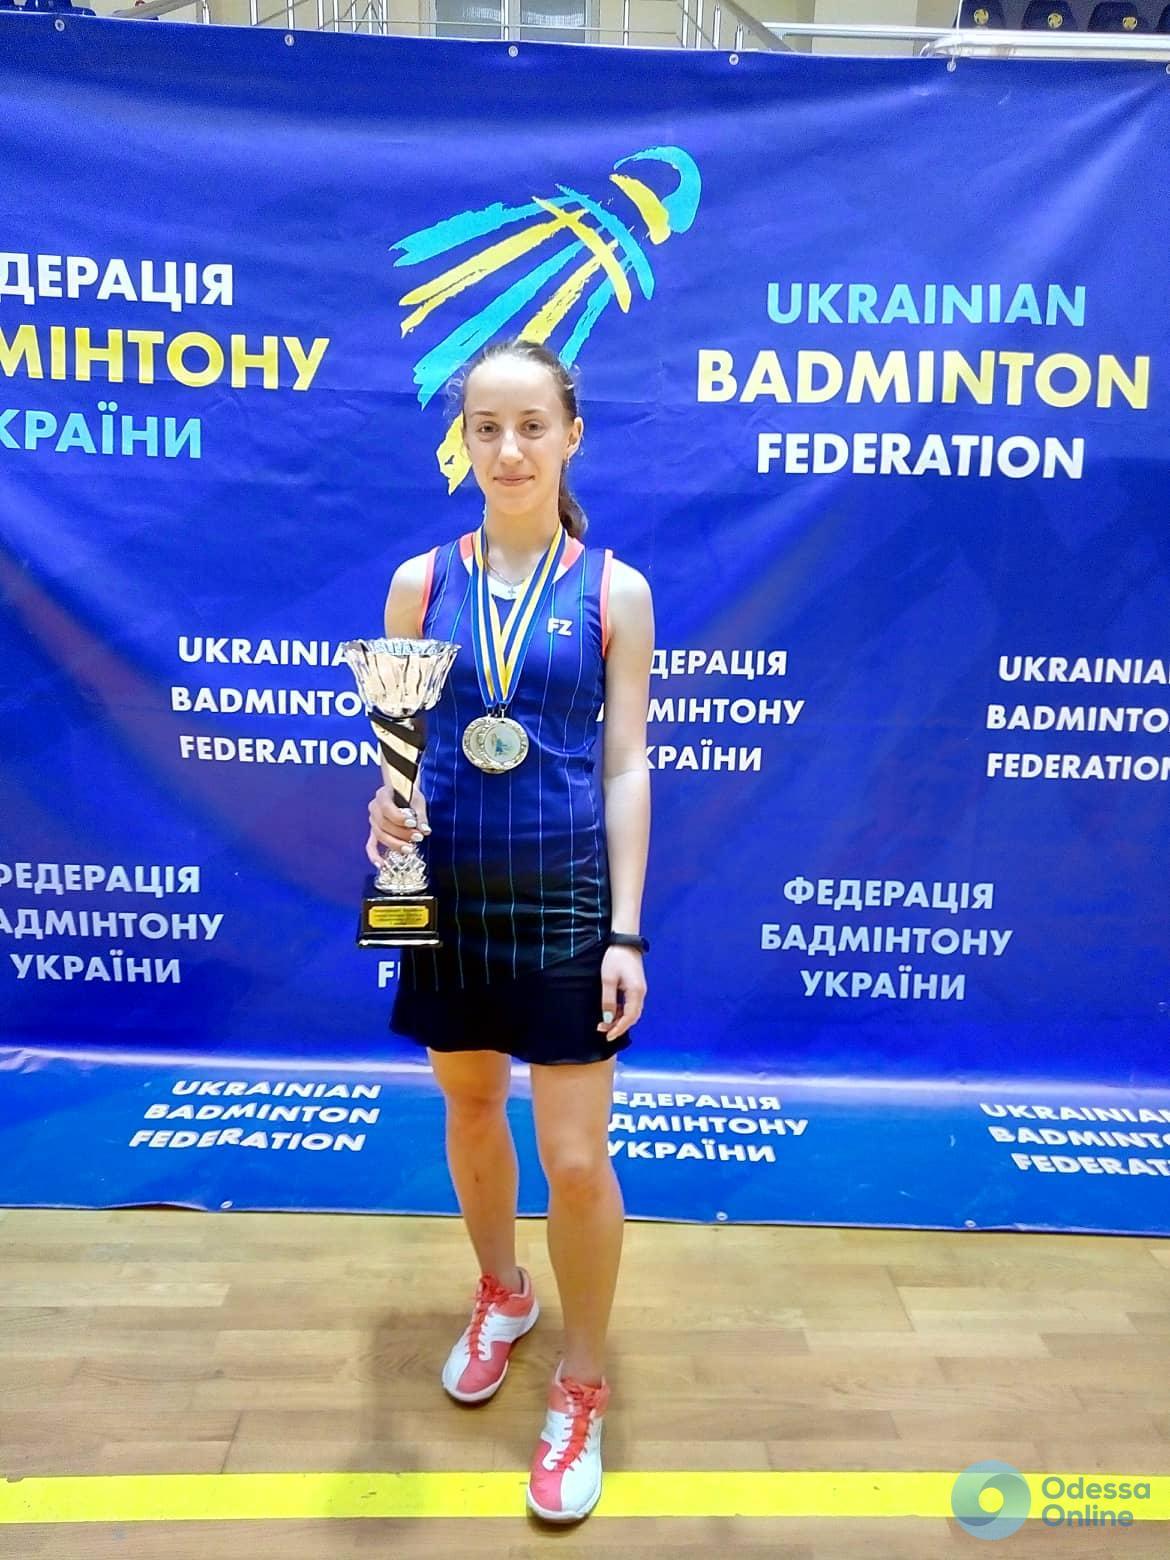 Одесские юниоры успешно выступили на чемпионате Украины по бадминтону